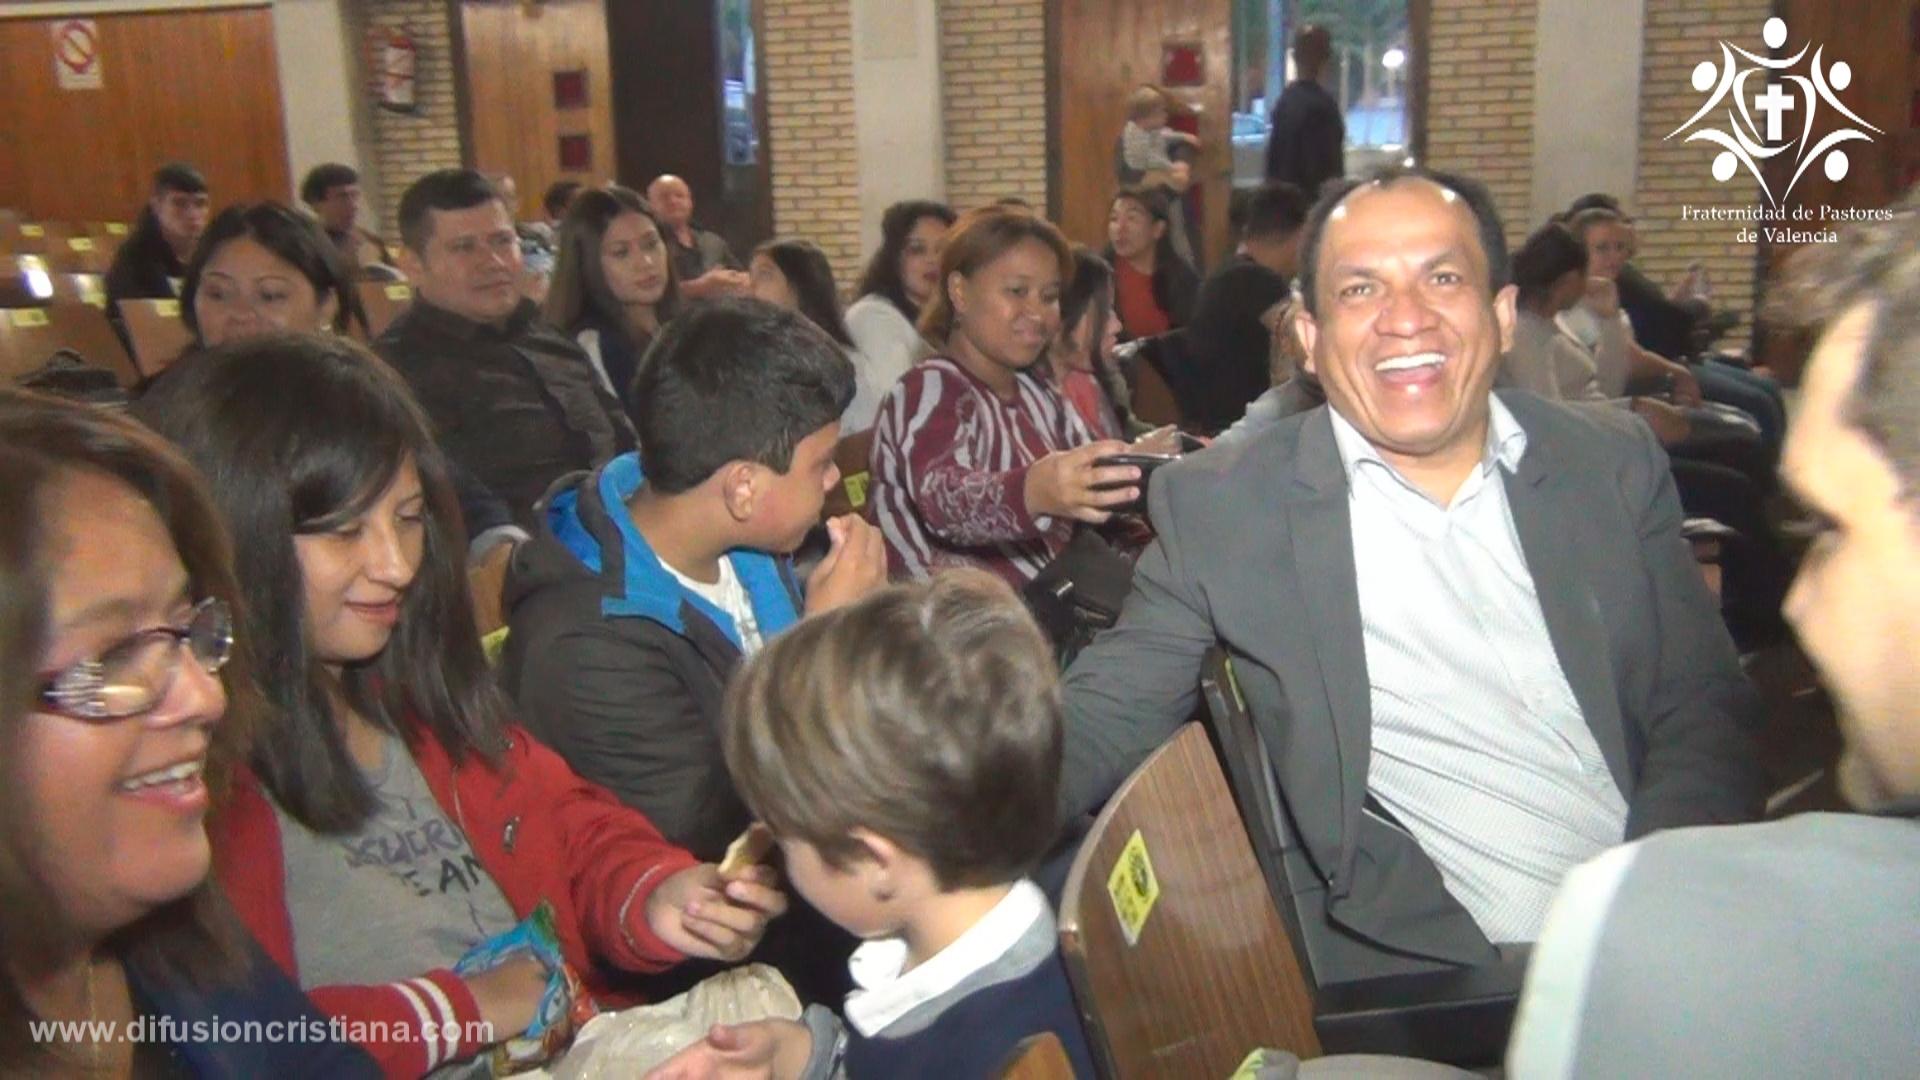 culto_unido_fraternidad_pastores_valencia_174